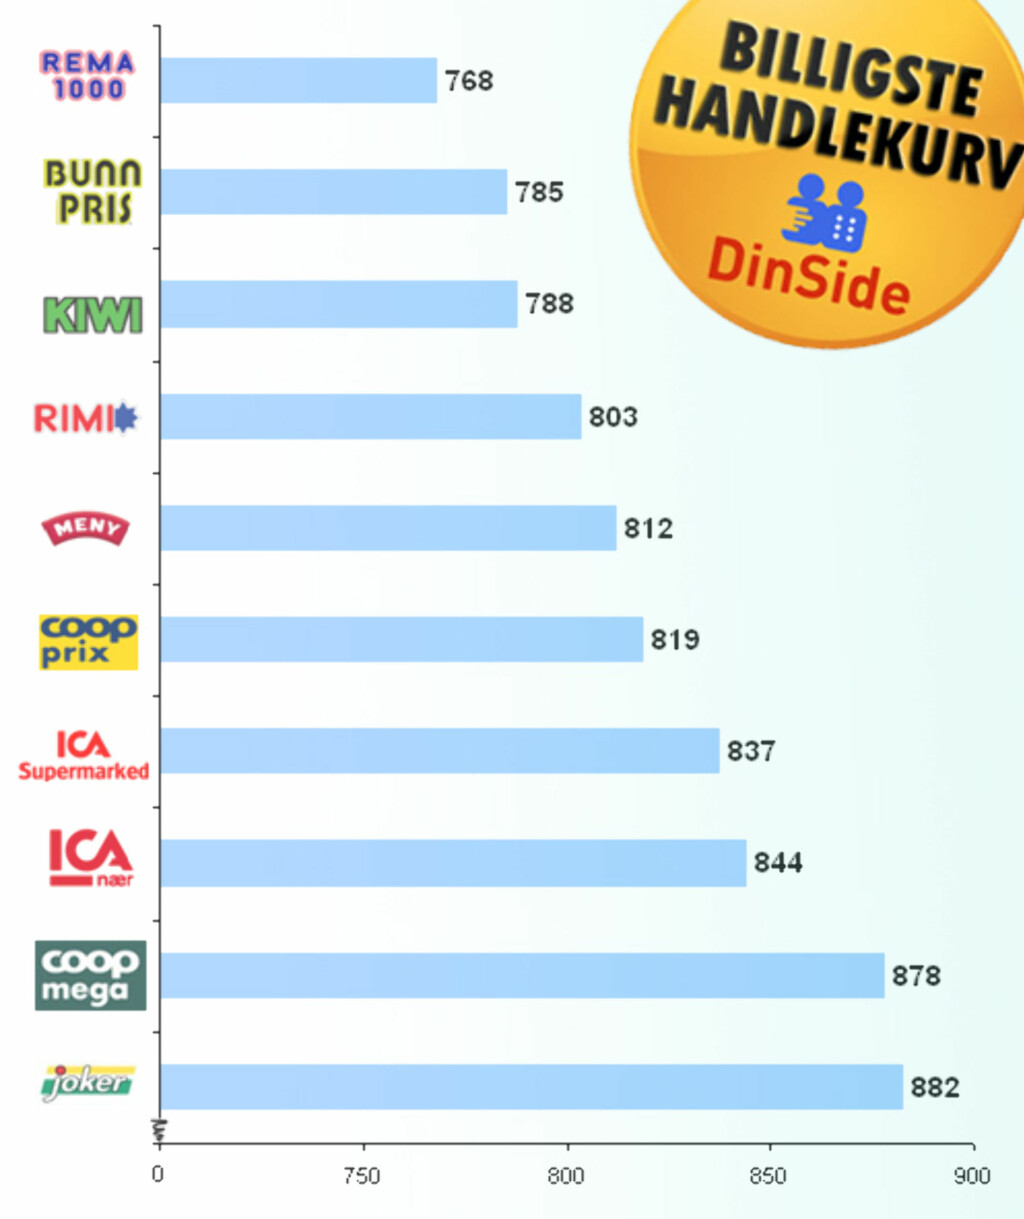 Resultatet av DinSides matvarepristest, mars 2009. Fra billigst til dyrest. Legg merke til at diagrammet er avkortet.